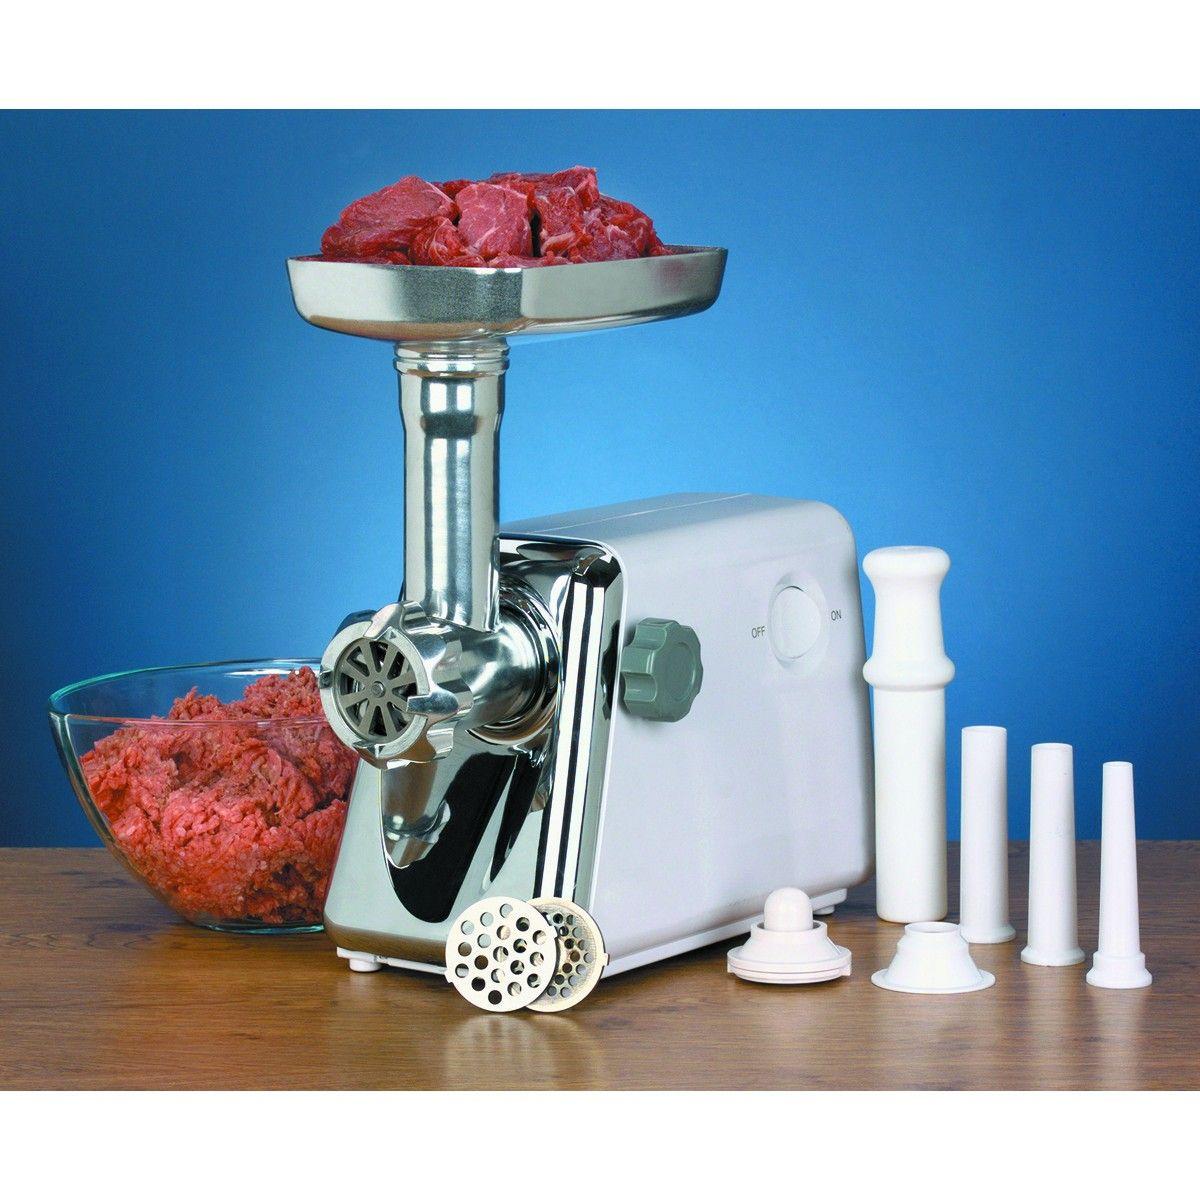 Electric Meat Grinder Meat Grinder Food Grinder